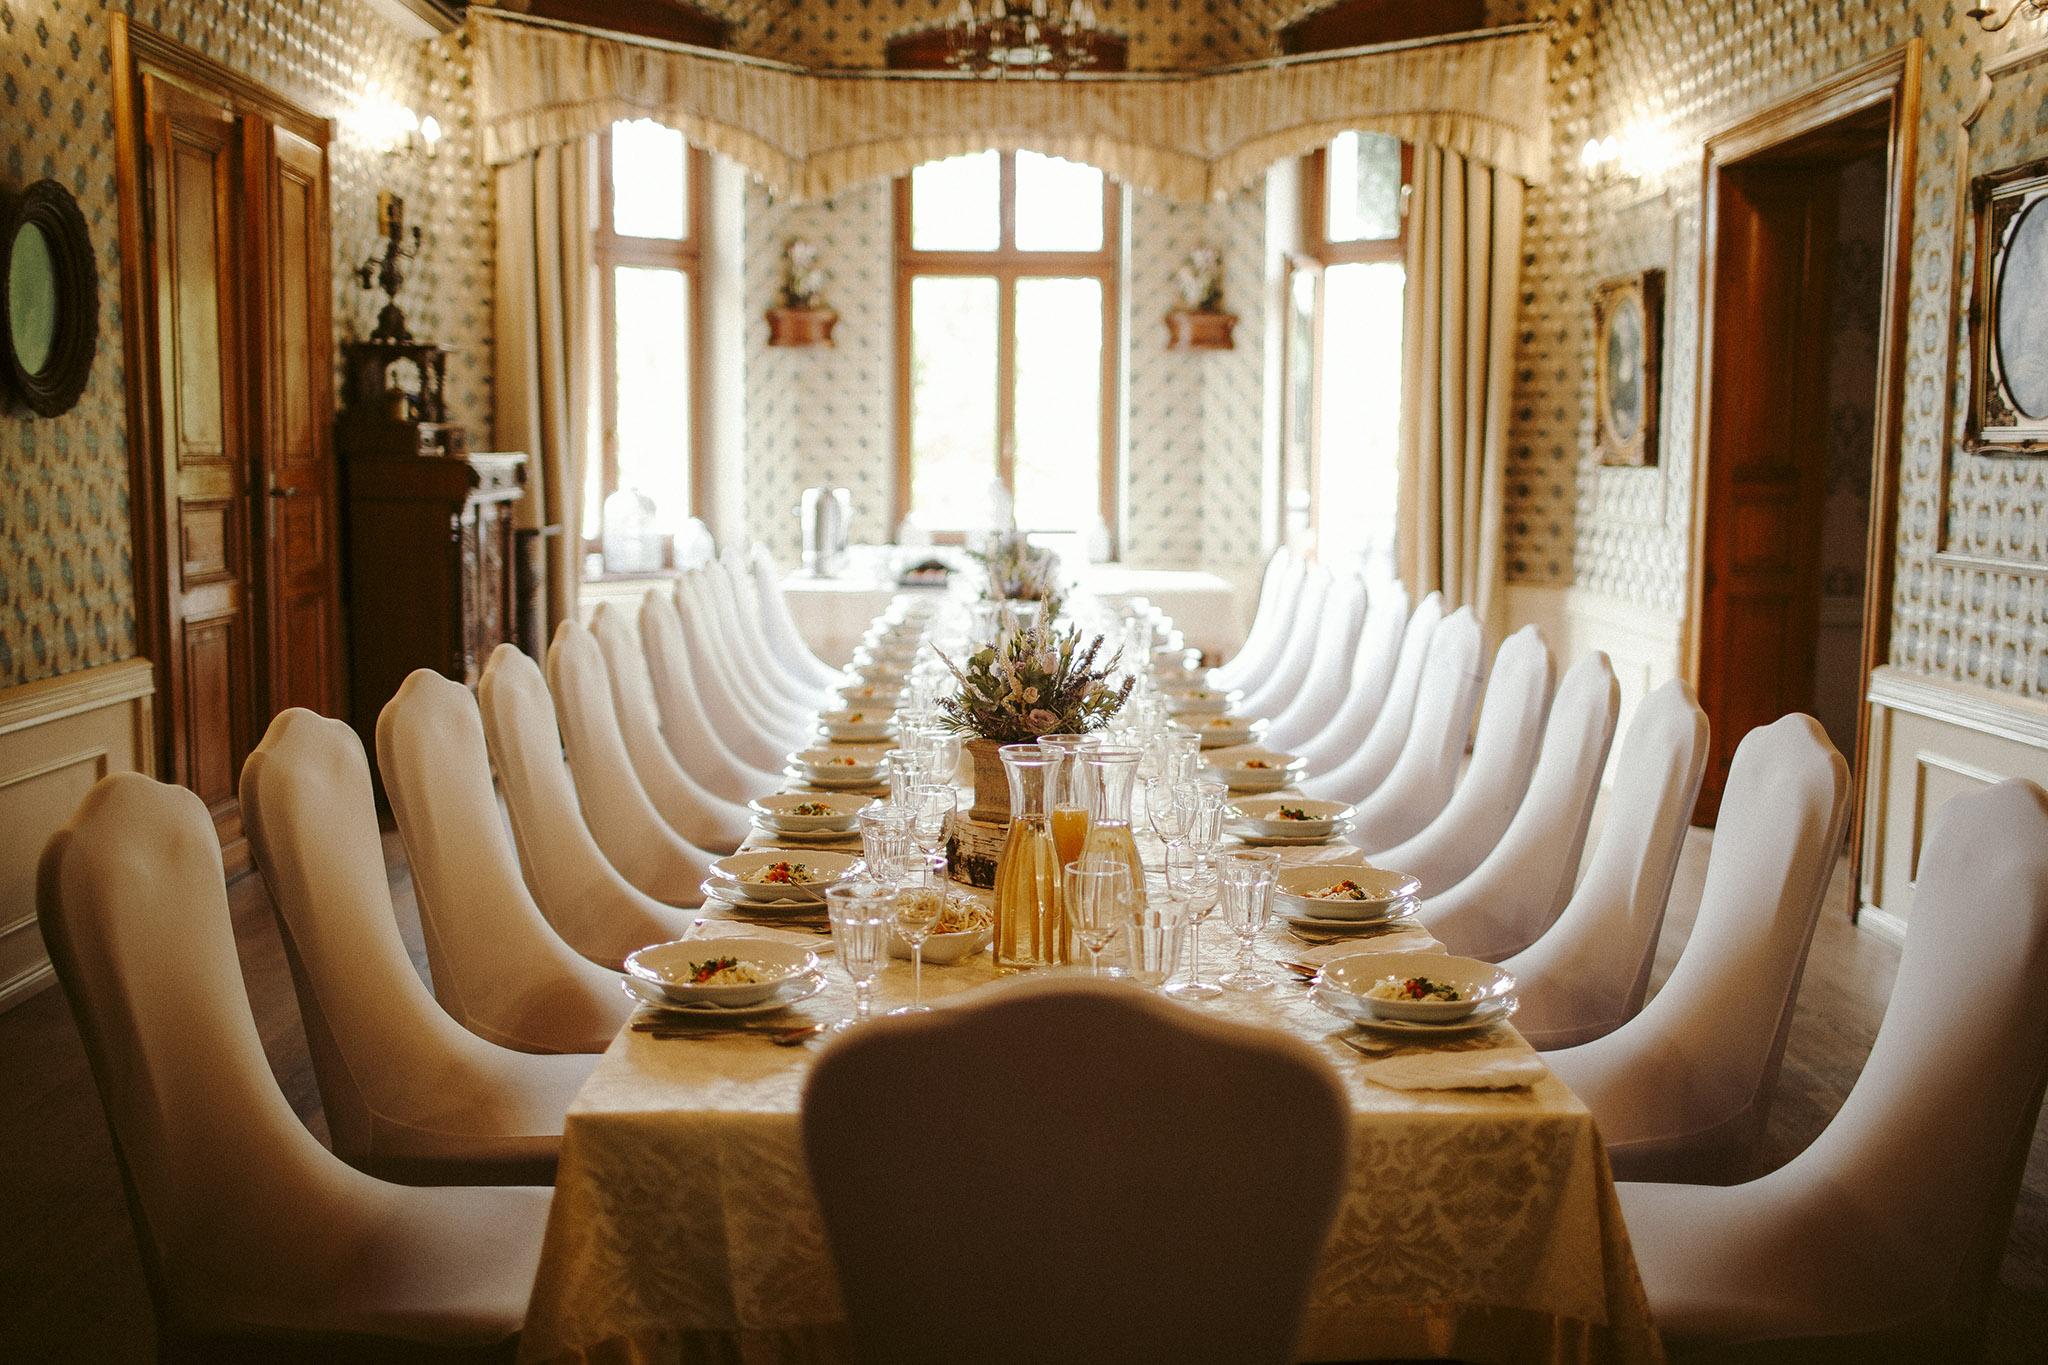 restauracja villa park opole